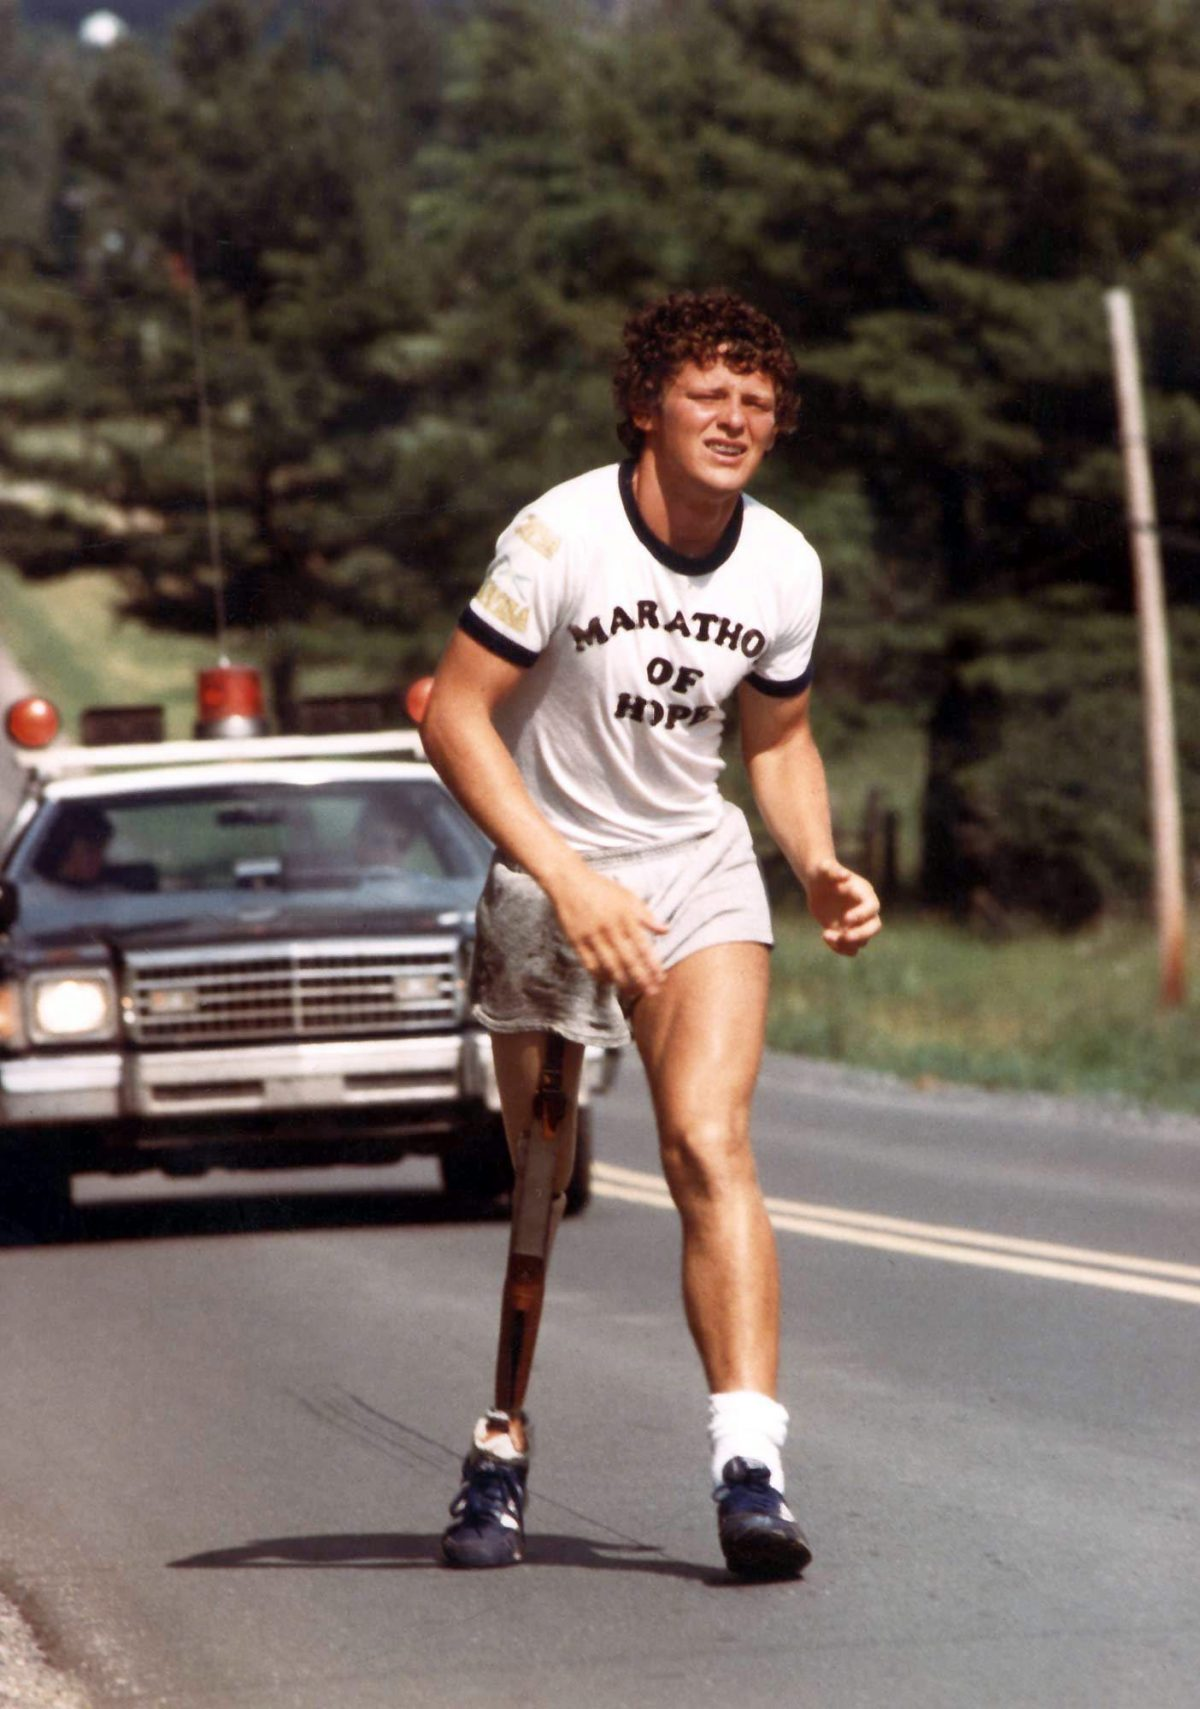 Marathon of Hope runner Terry Fox